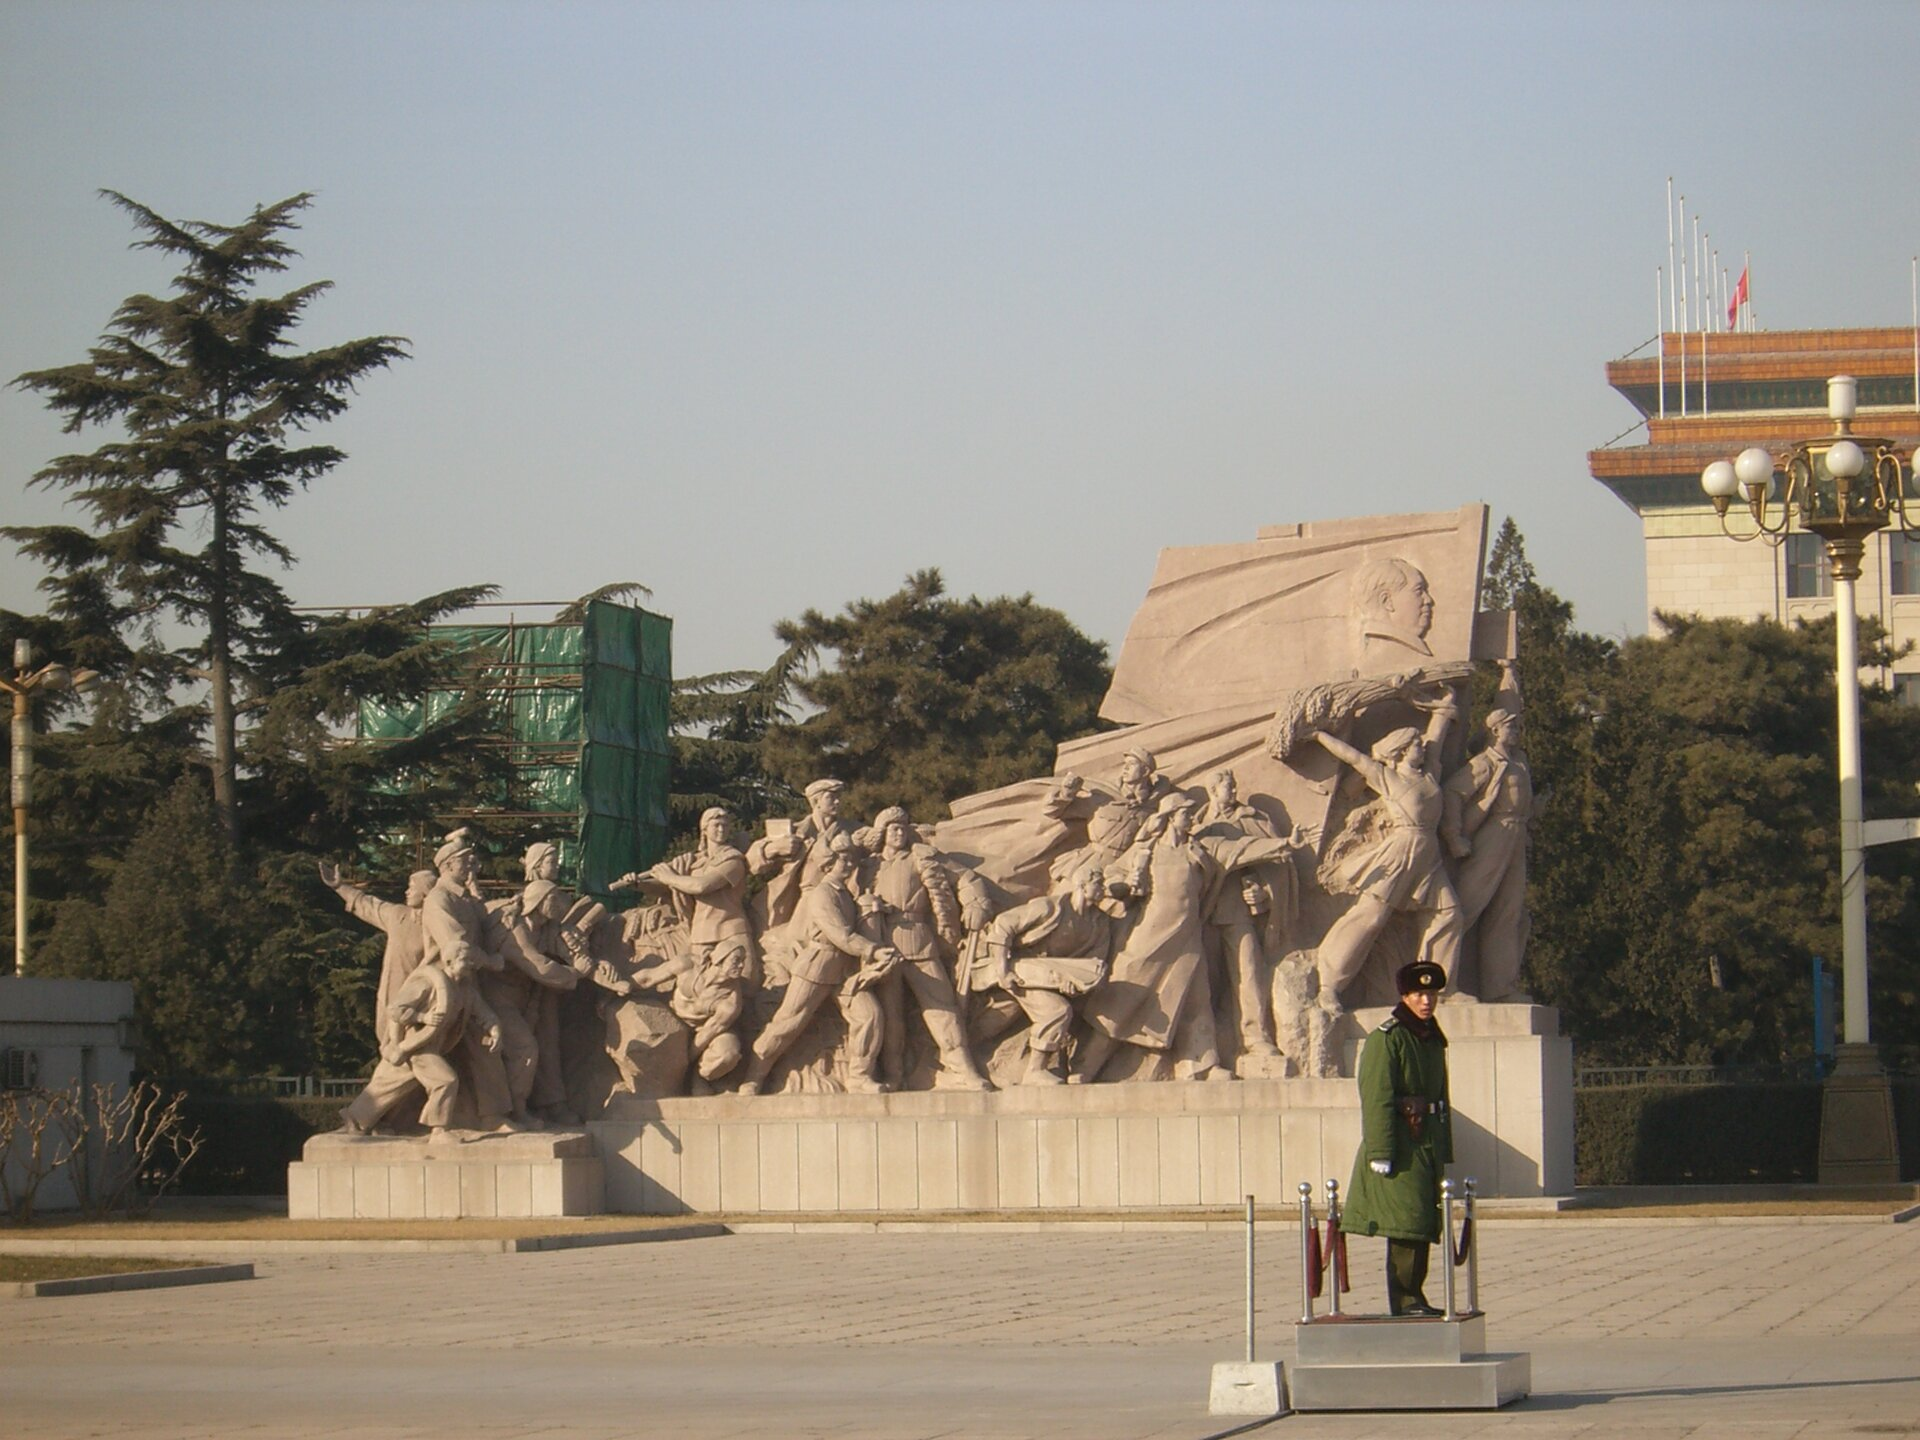 Mauzoleum Mao Źródło: Diego Delso, Mauzoleum Mao, 2006, Fotografia, Wikimedia Commons, licencja: CC BY-SA 3.0.